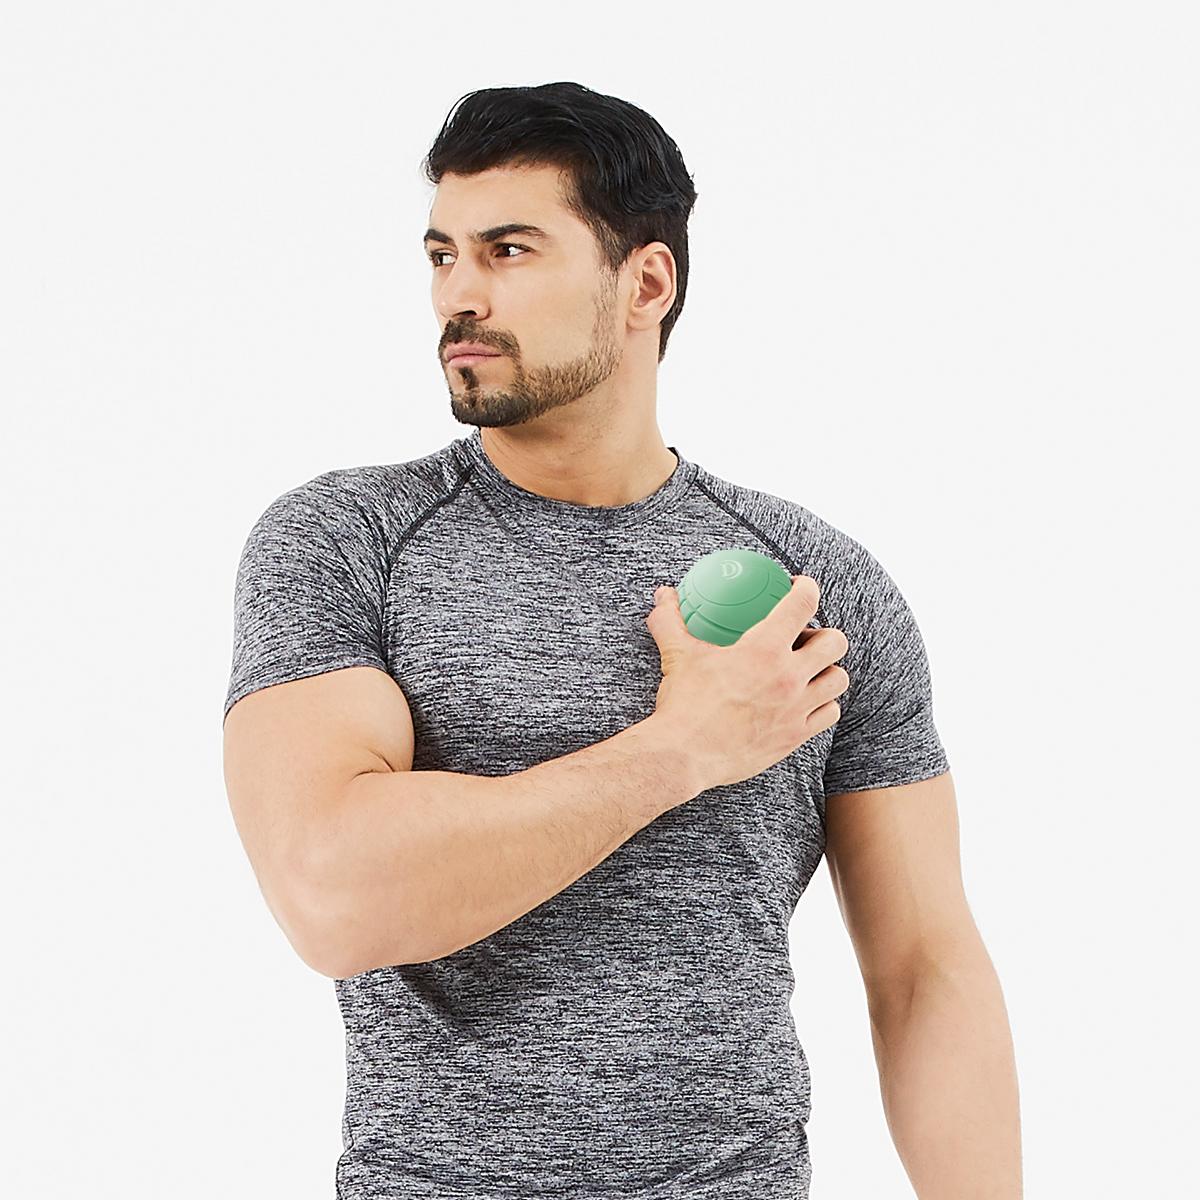 身体中をほぐしながら転がる「ブルブル丸」 毎分3,500回の振動+ヒーター機能で、筋肉を奥深くから揺さぶる「ミニストレッチボール」 3Dコンディショニングボールスマート